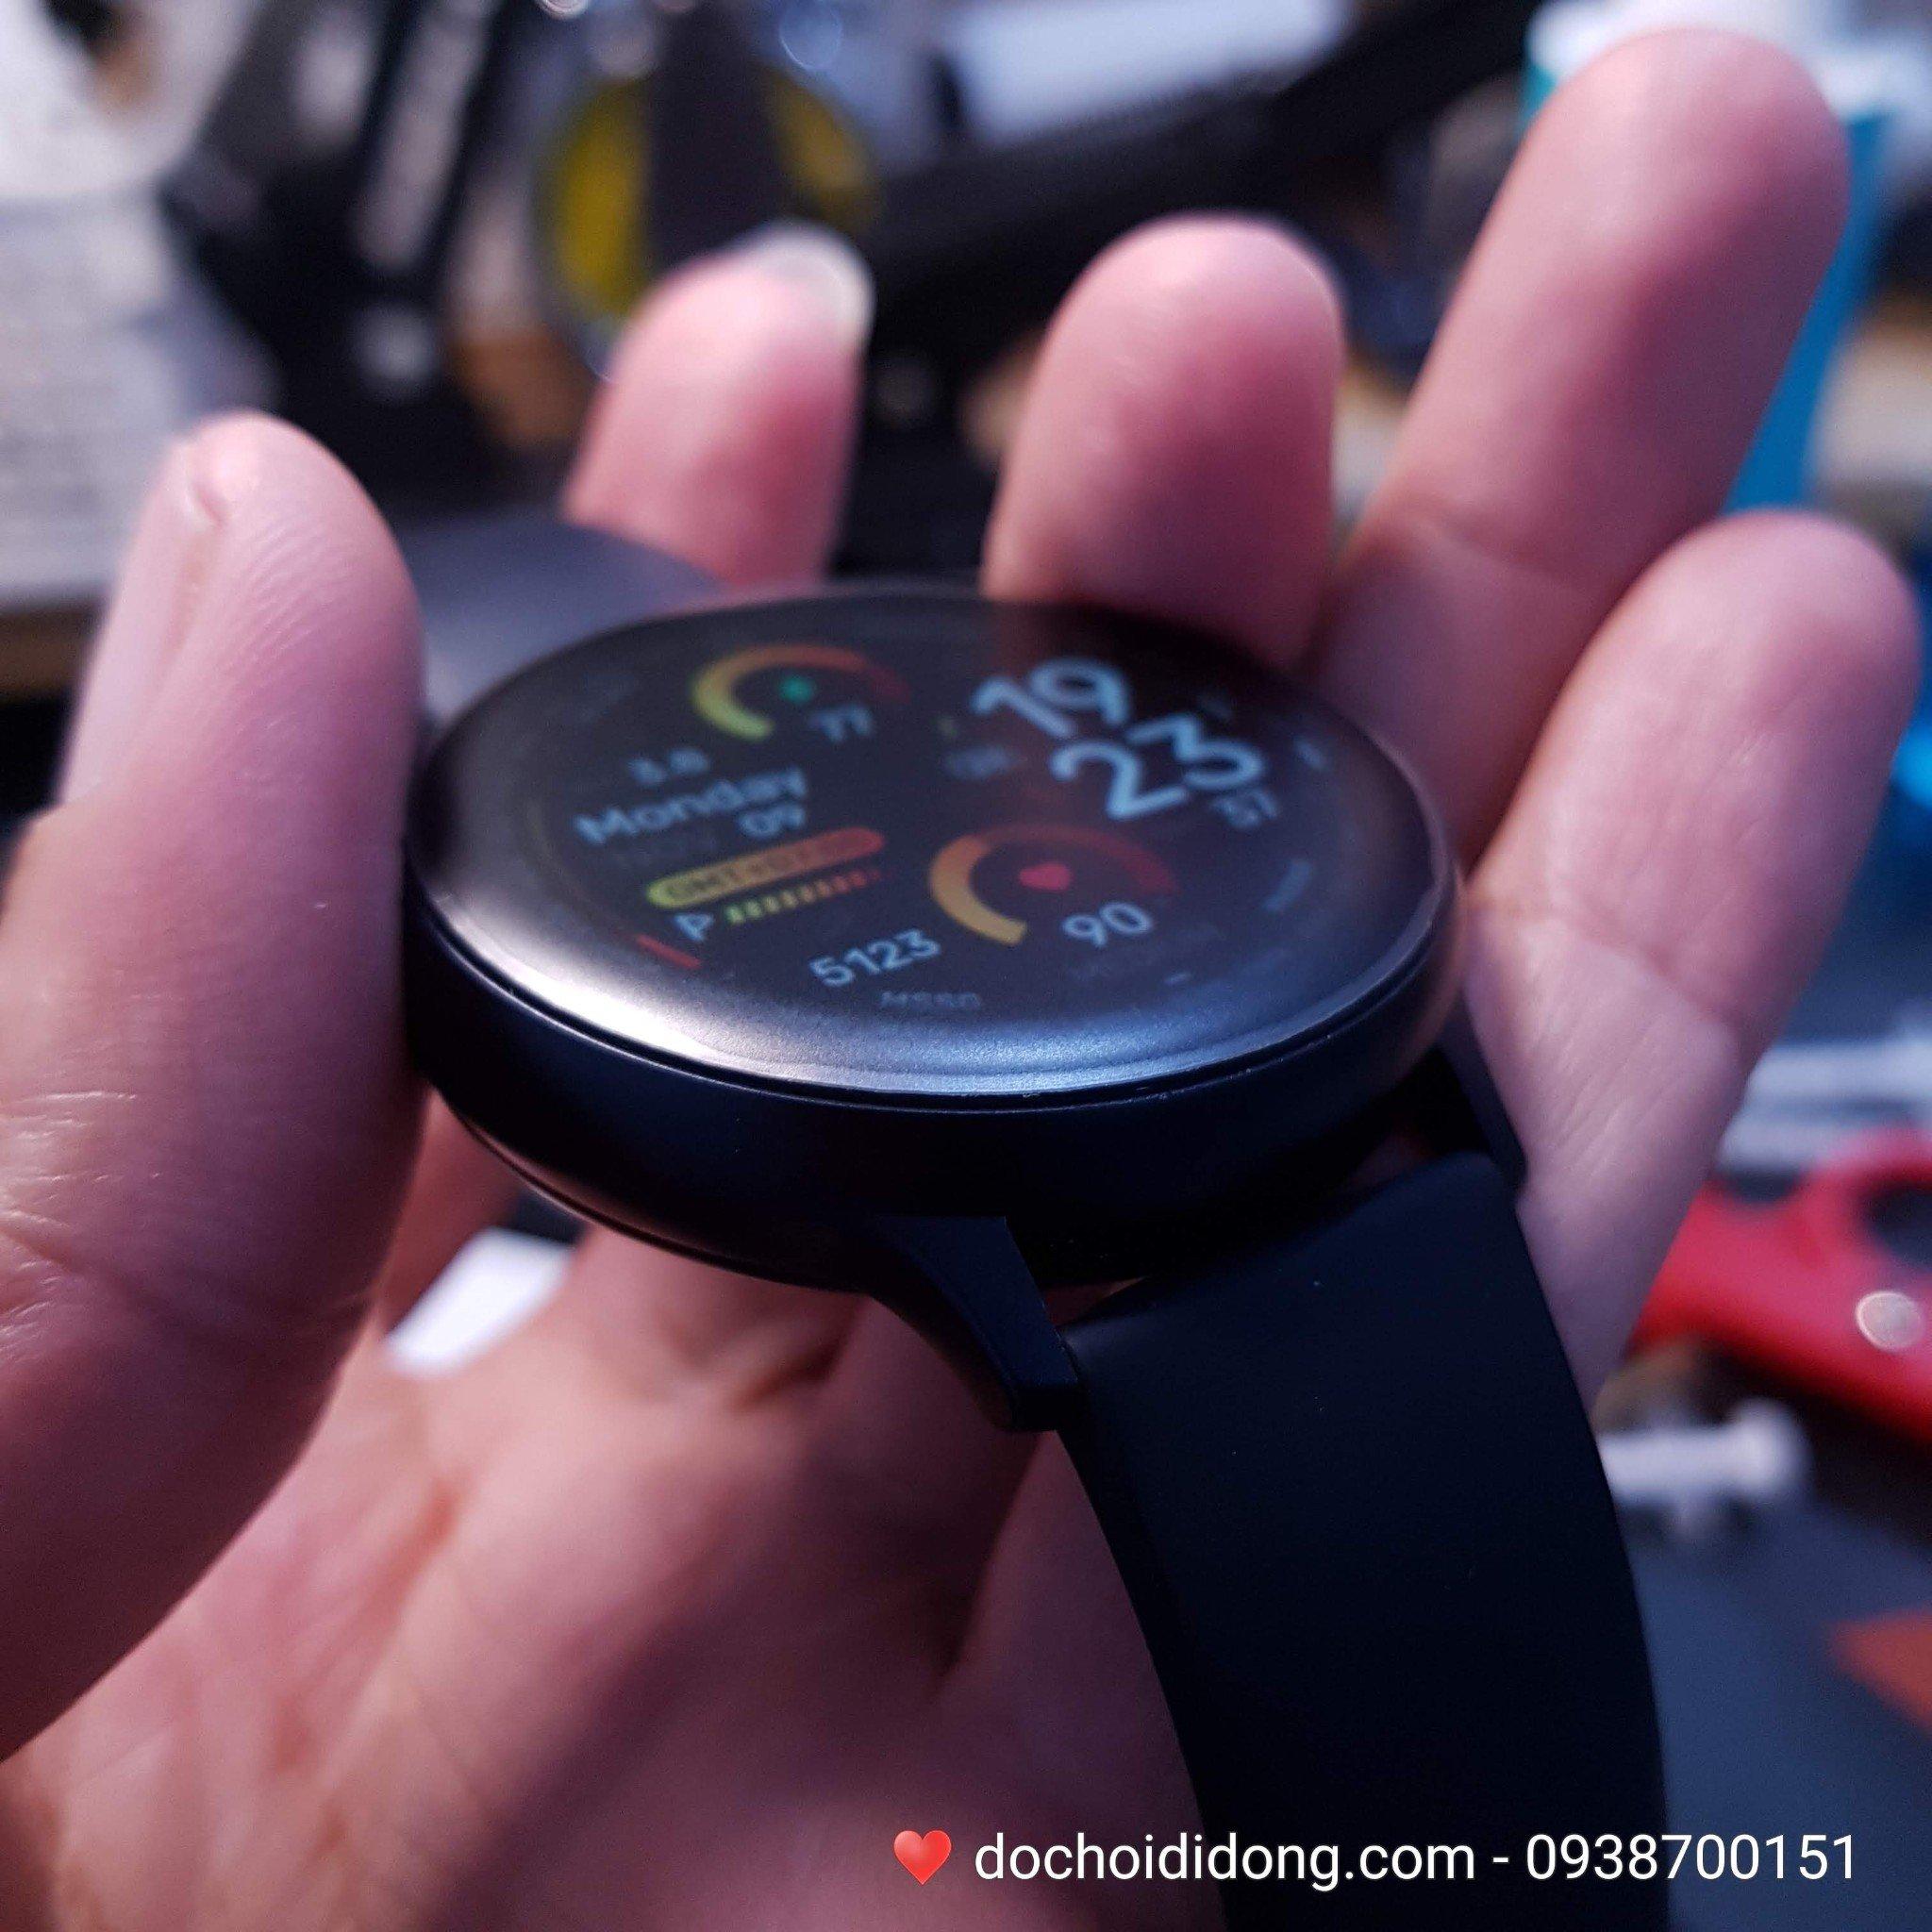 dan-bang-nuoc-combo-3-mieng-dan-ppf-samsung-galaxy-watch-active-40mm-44mm